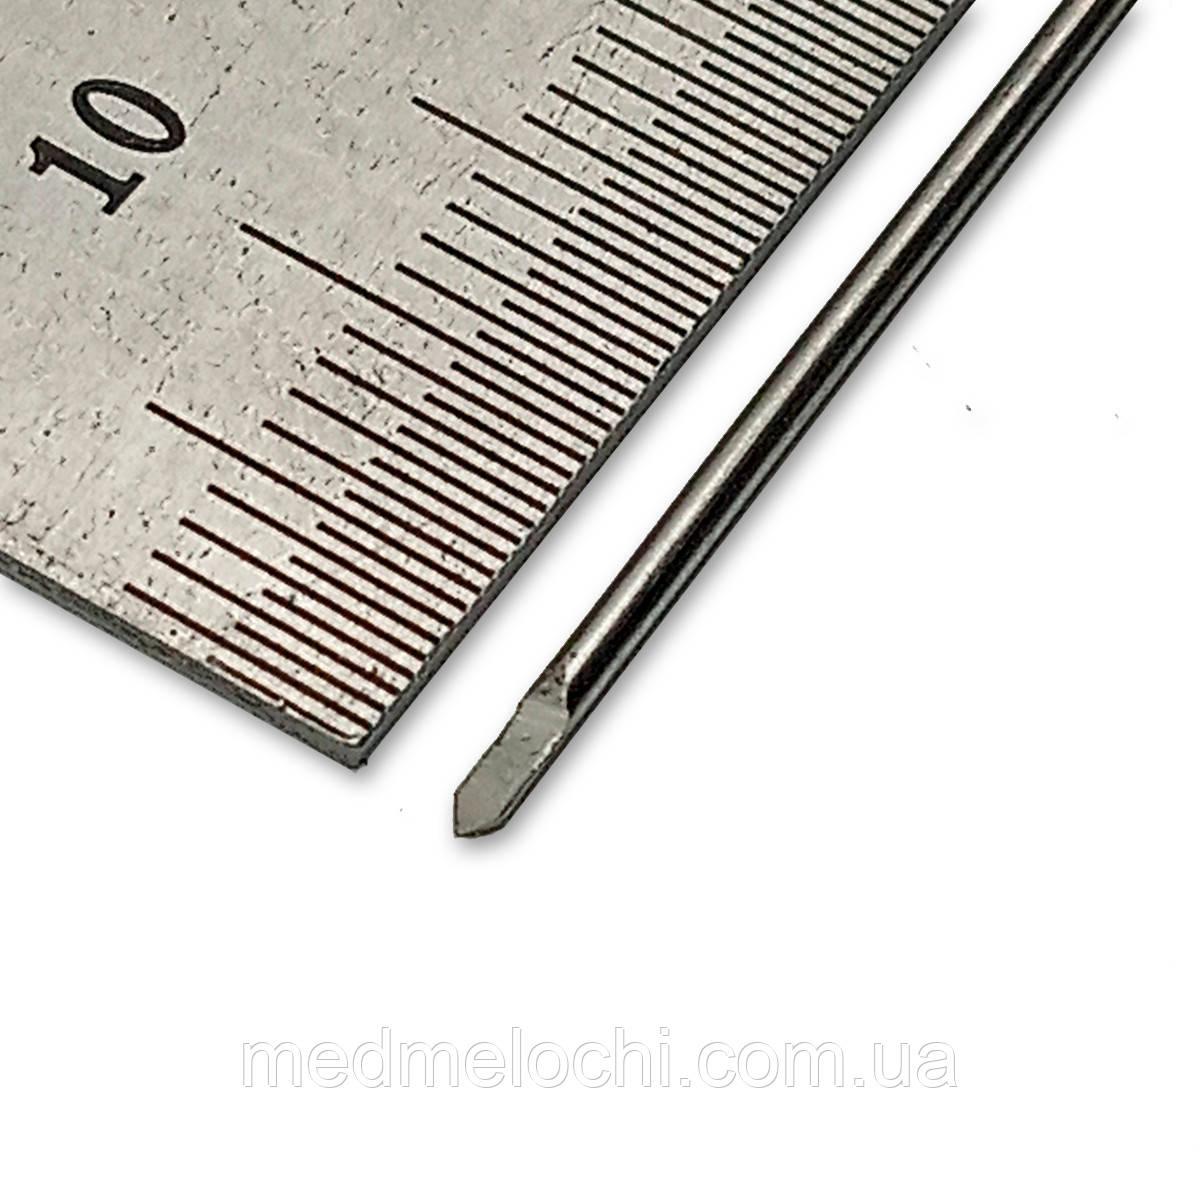 Шпиця 1.2 мм L=150мм